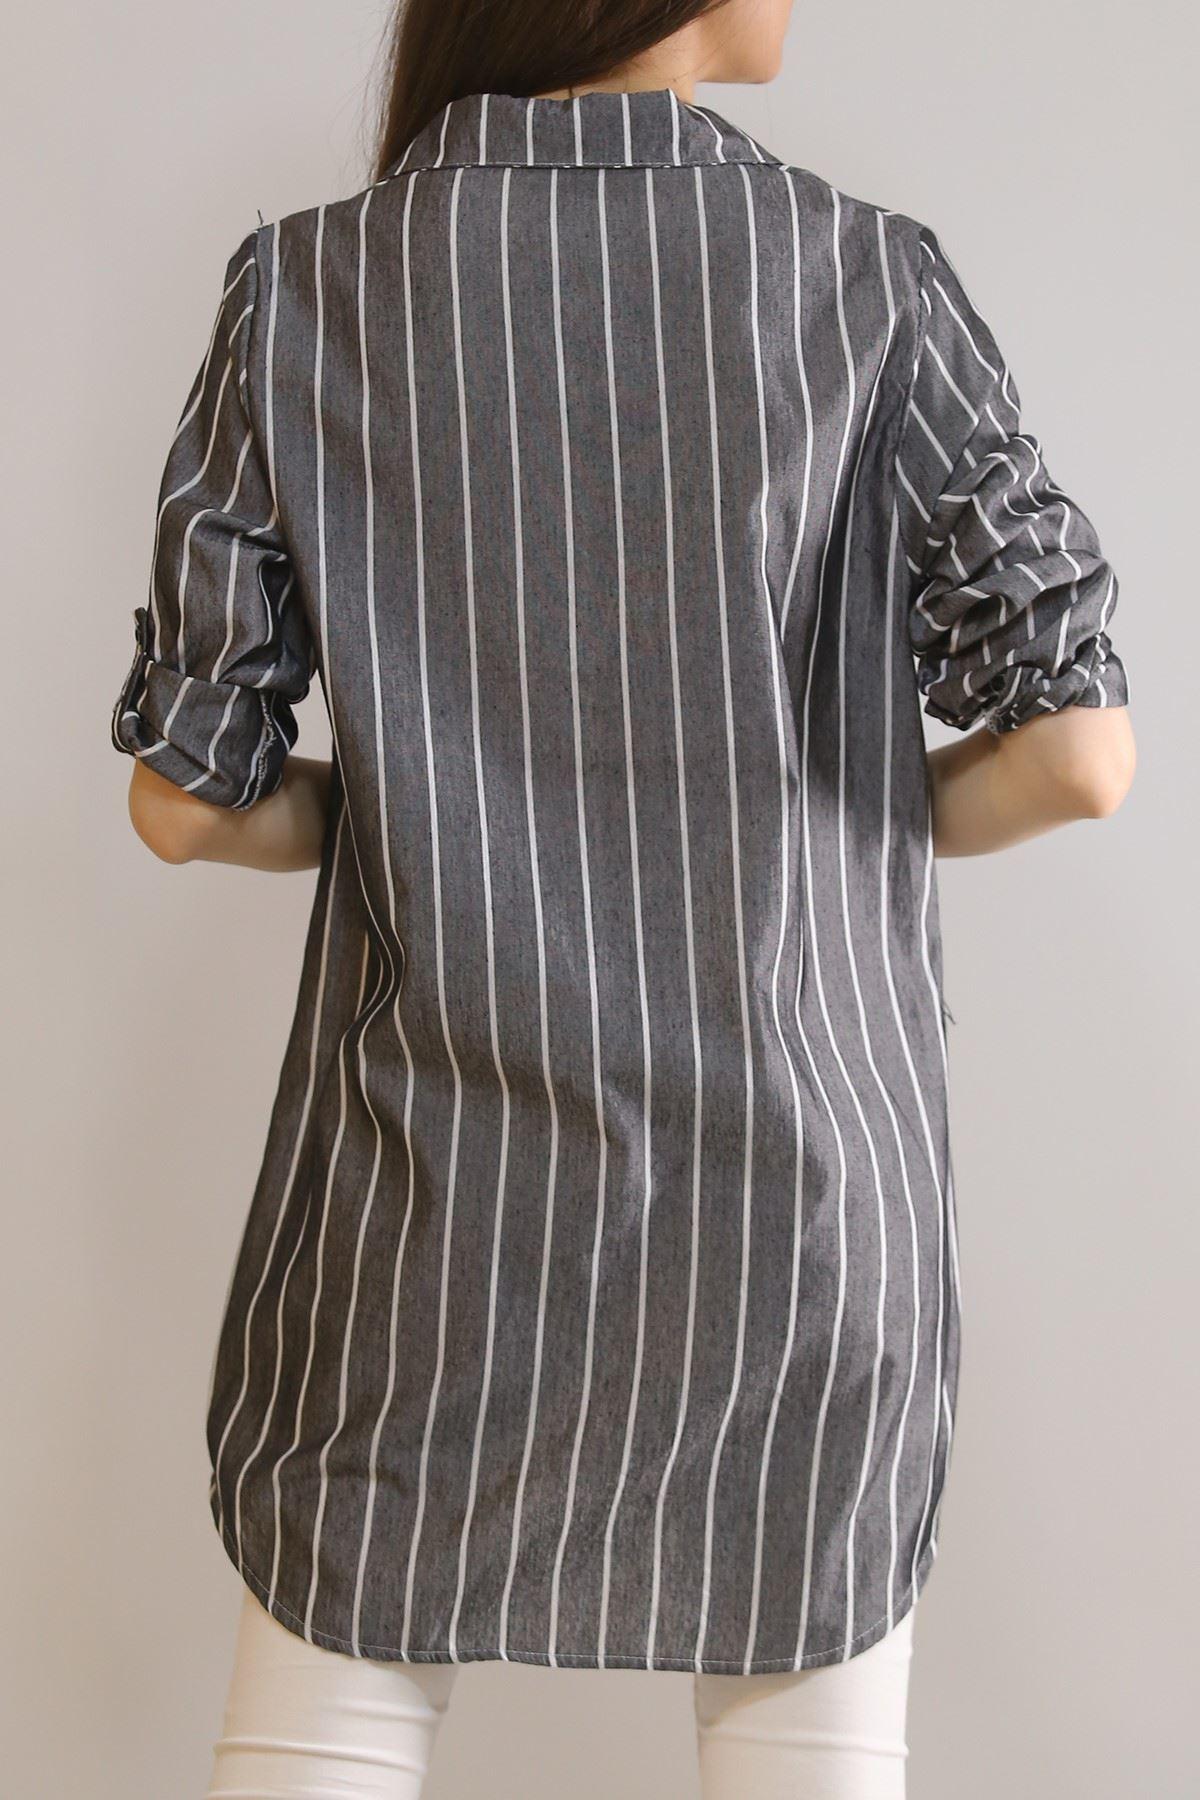 Önü Patlı Tunik Gömlek Antrasit - 5904.1376.